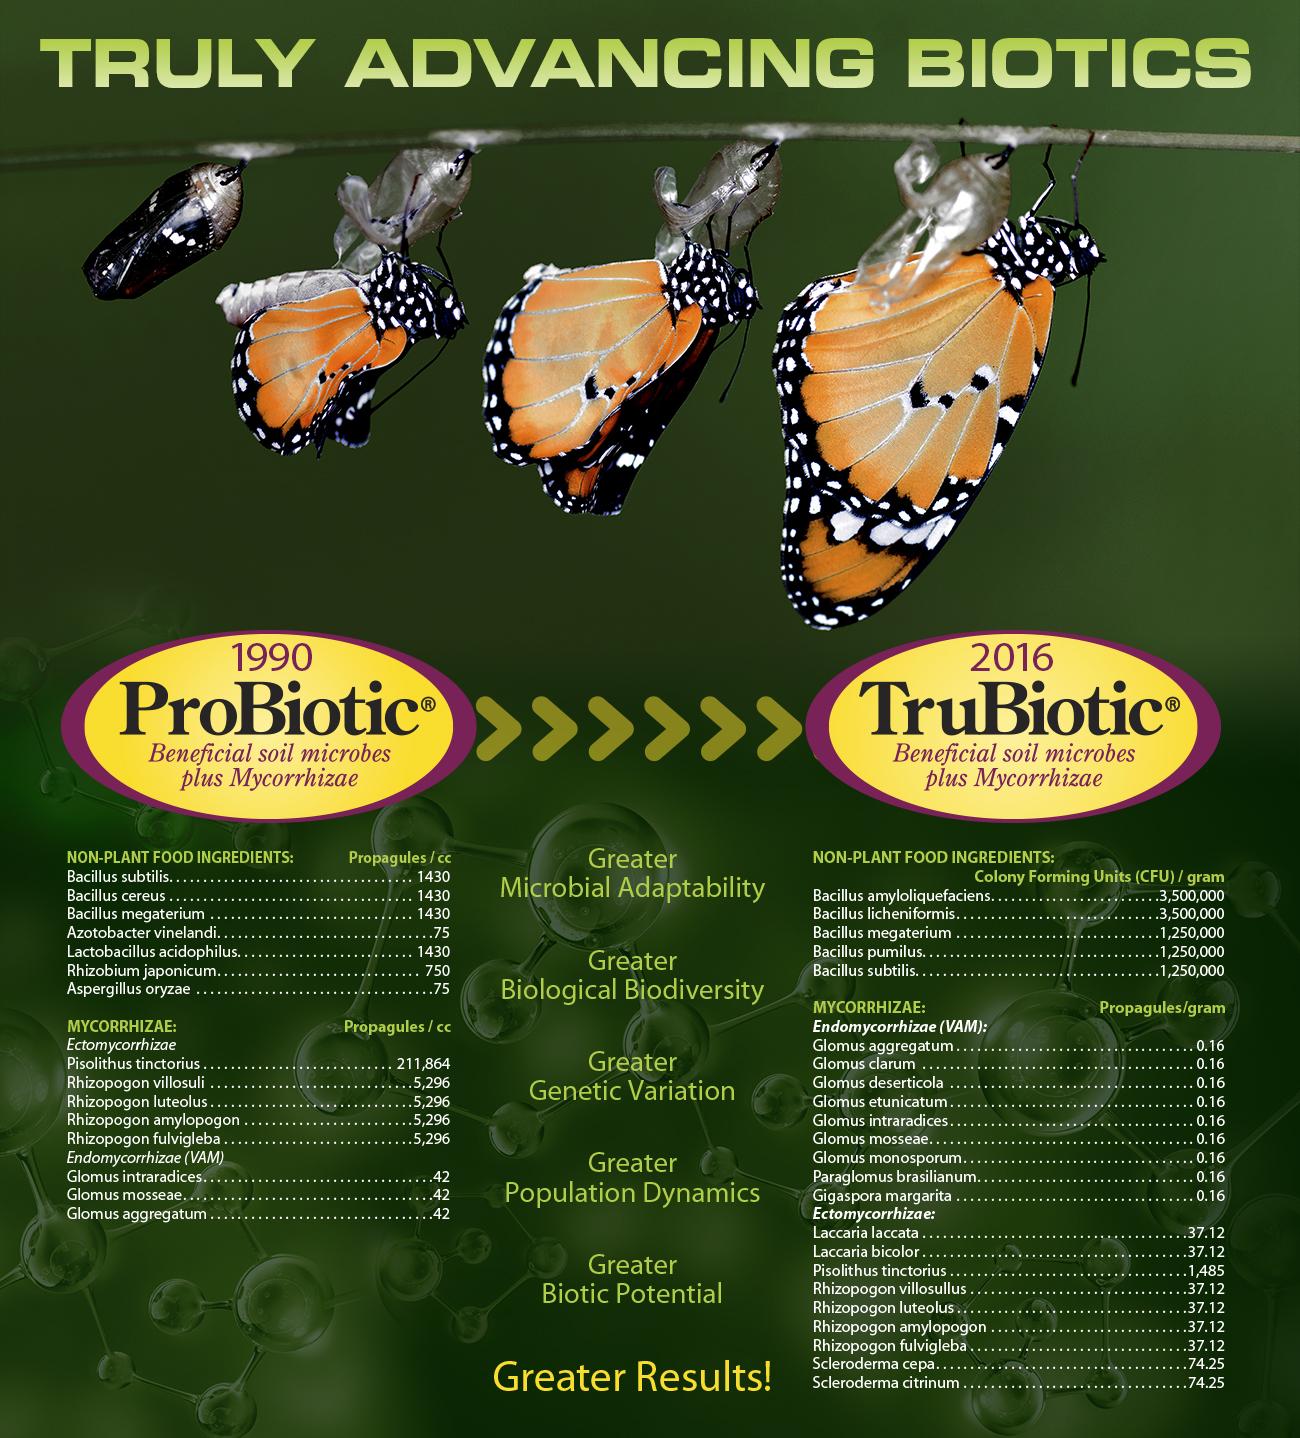 TruBioticx